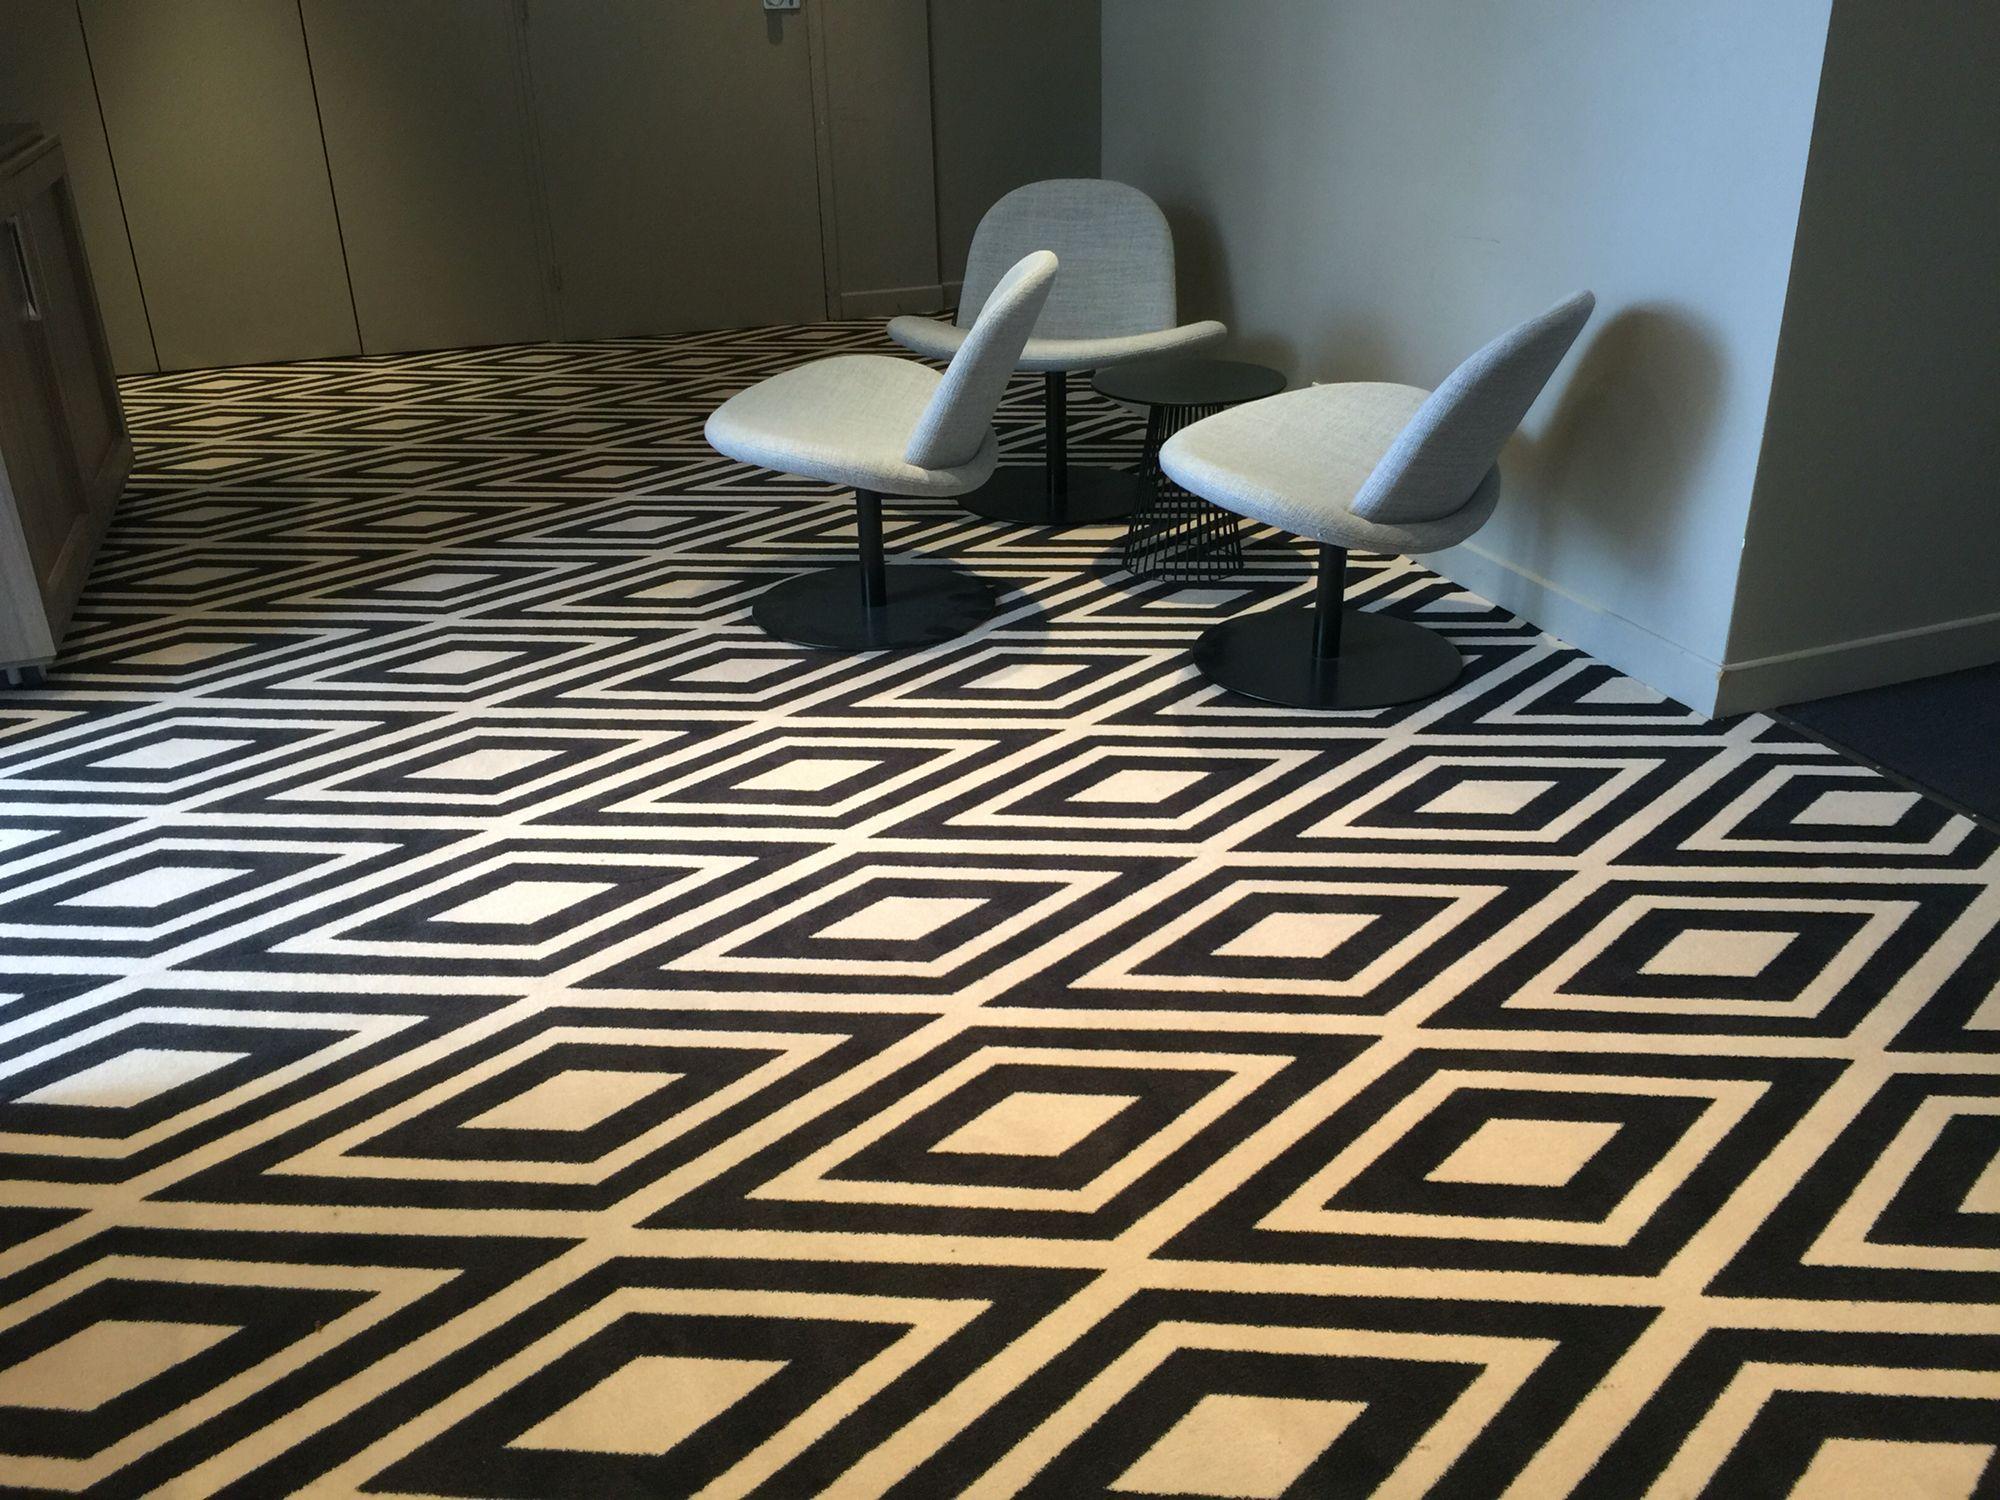 Ege carpets. Moquette lobby Hotel Mercure de Metz